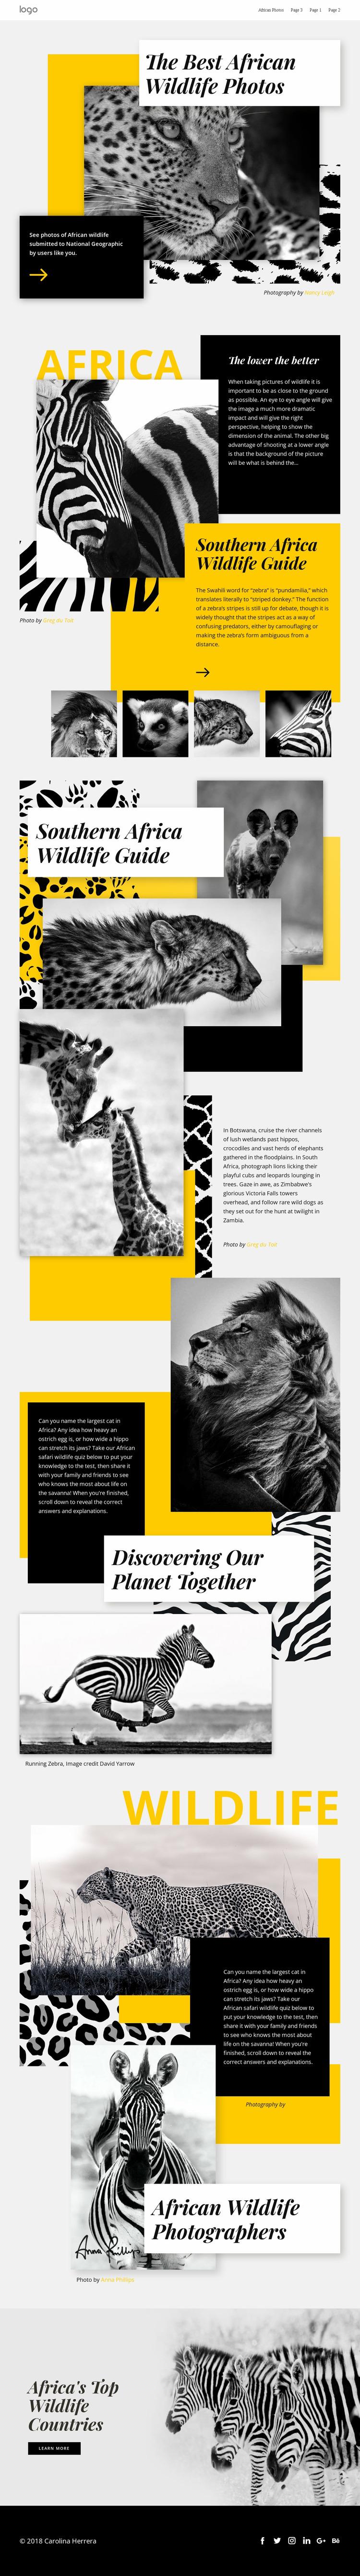 Best African Photos Website Mockup